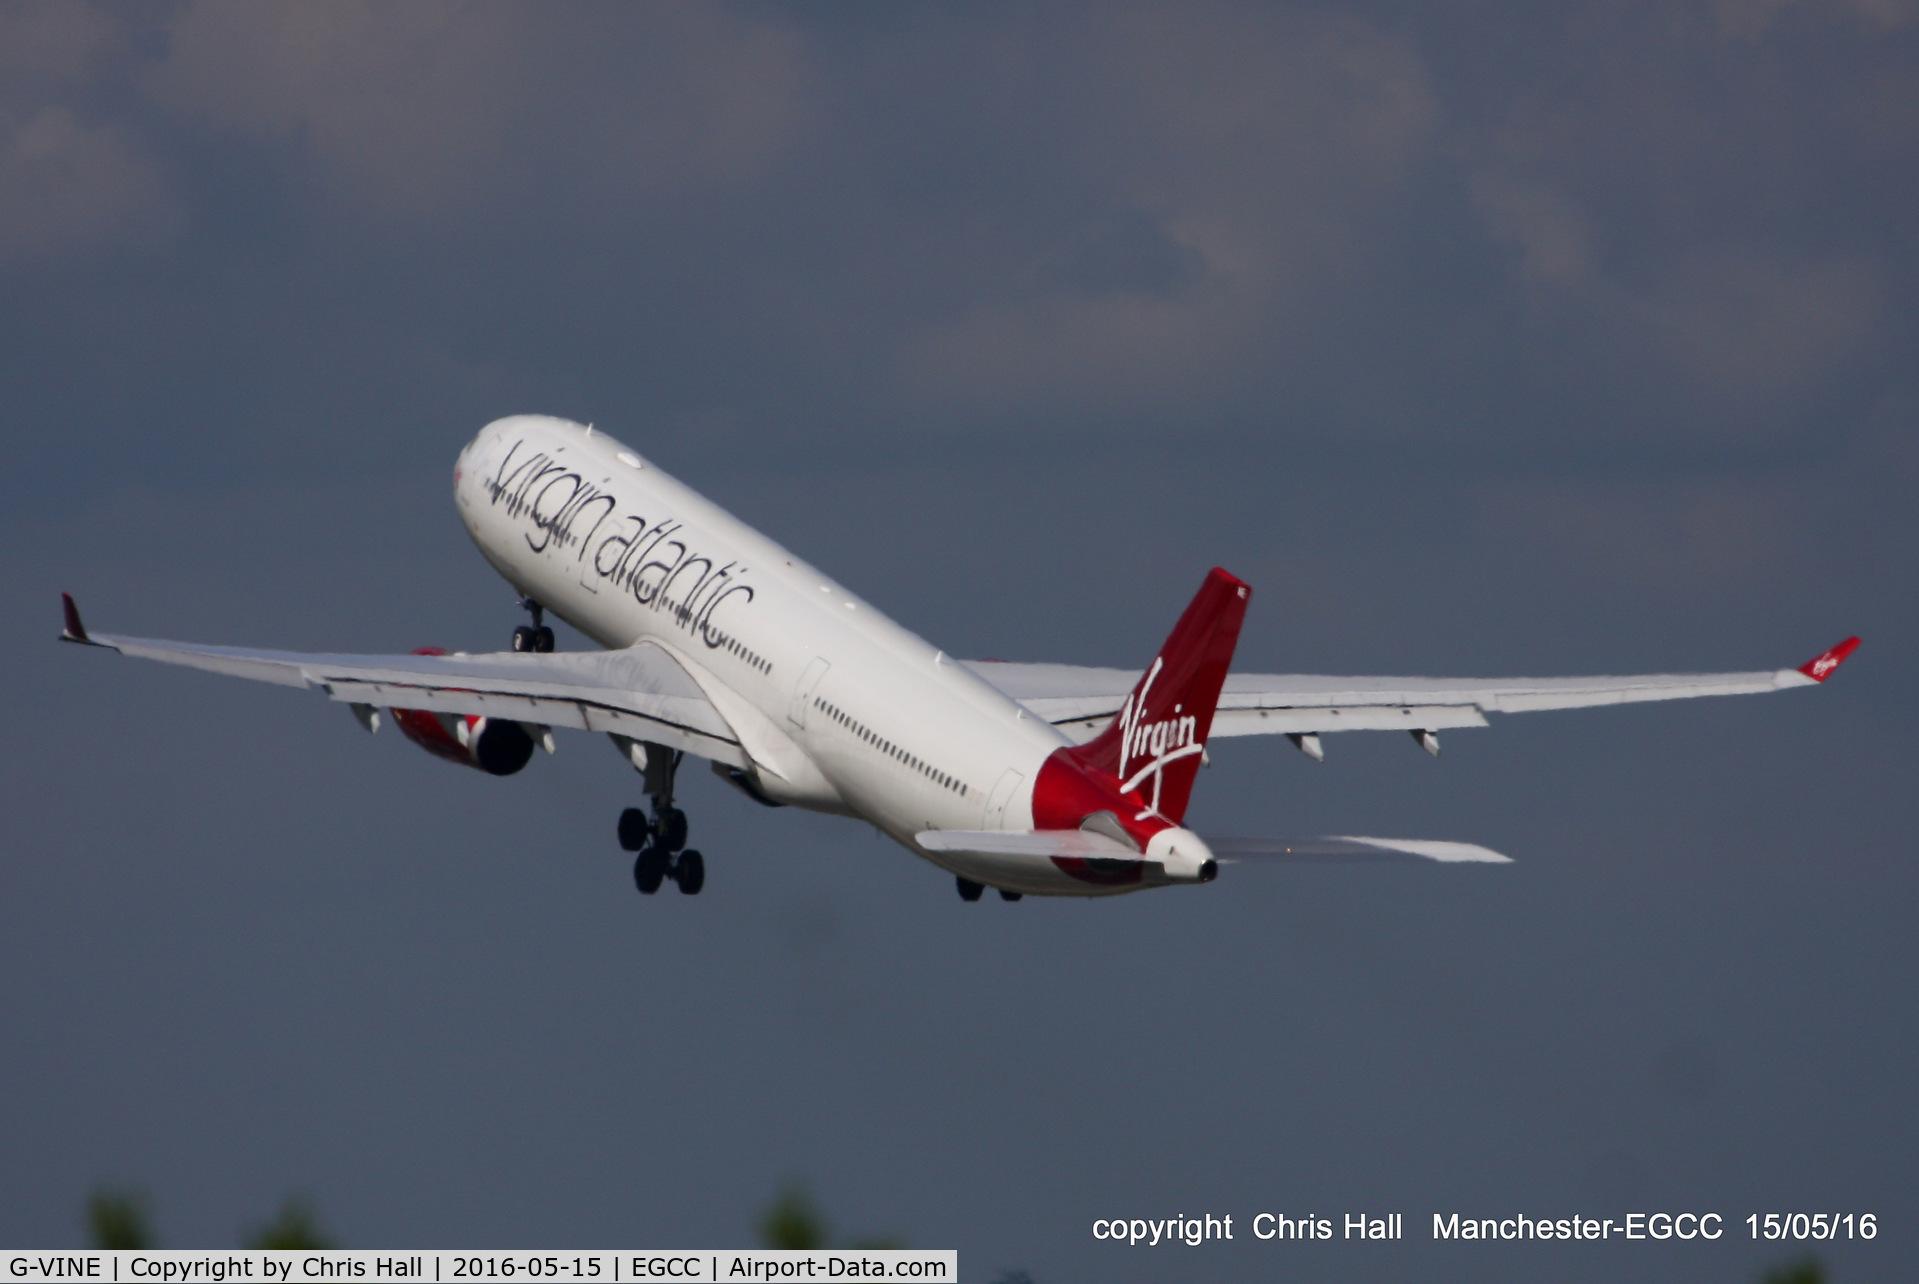 G-VINE, 2011 Airbus A330-343X C/N 1231, Virgin Atlantic